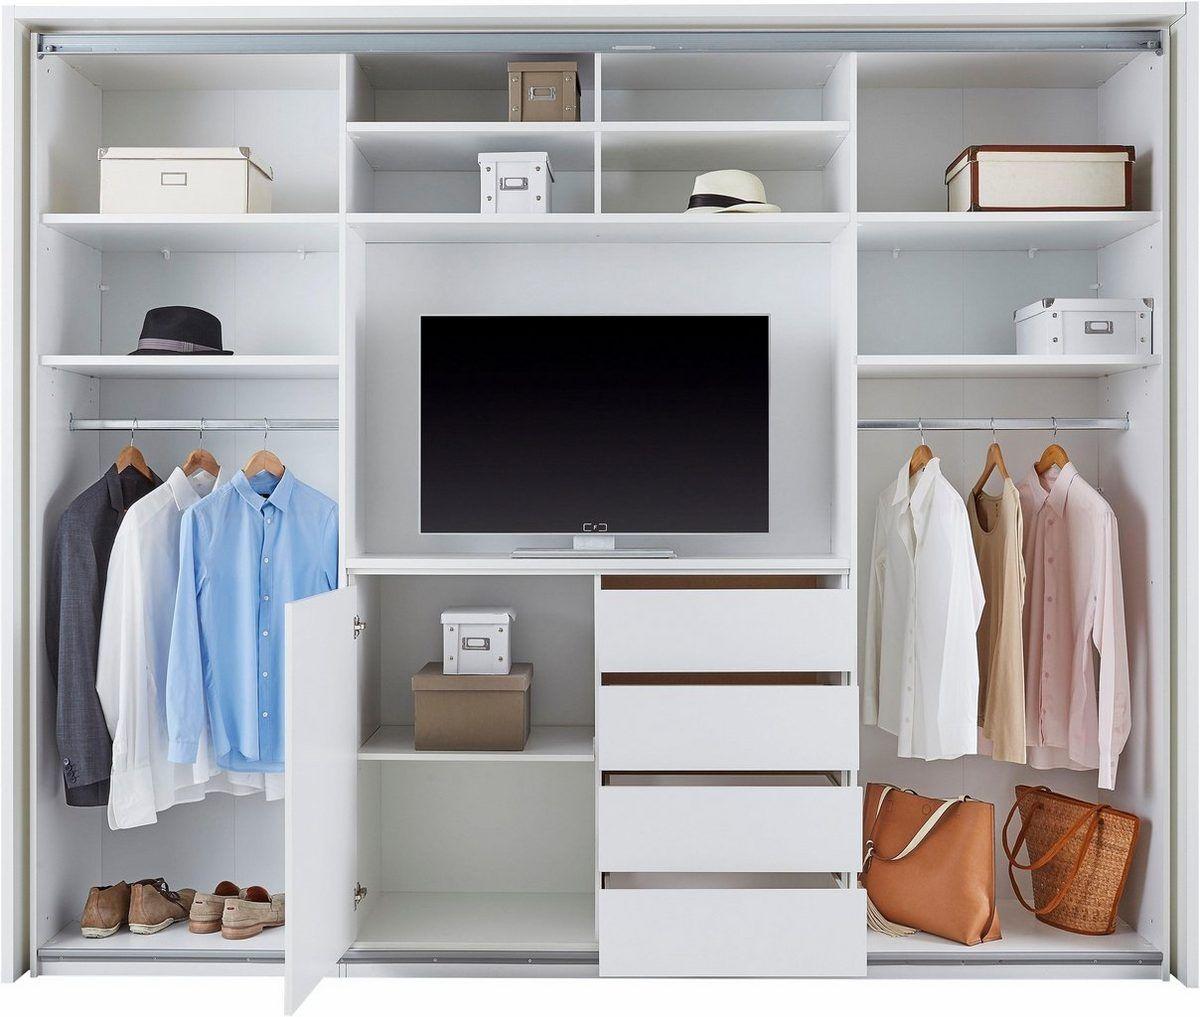 Schwebeturenschrank Mit Tv Fach Und Spiegel Kaufen En 2020 Muebles Dormitorio Decoracion De Interiores Dormitorios